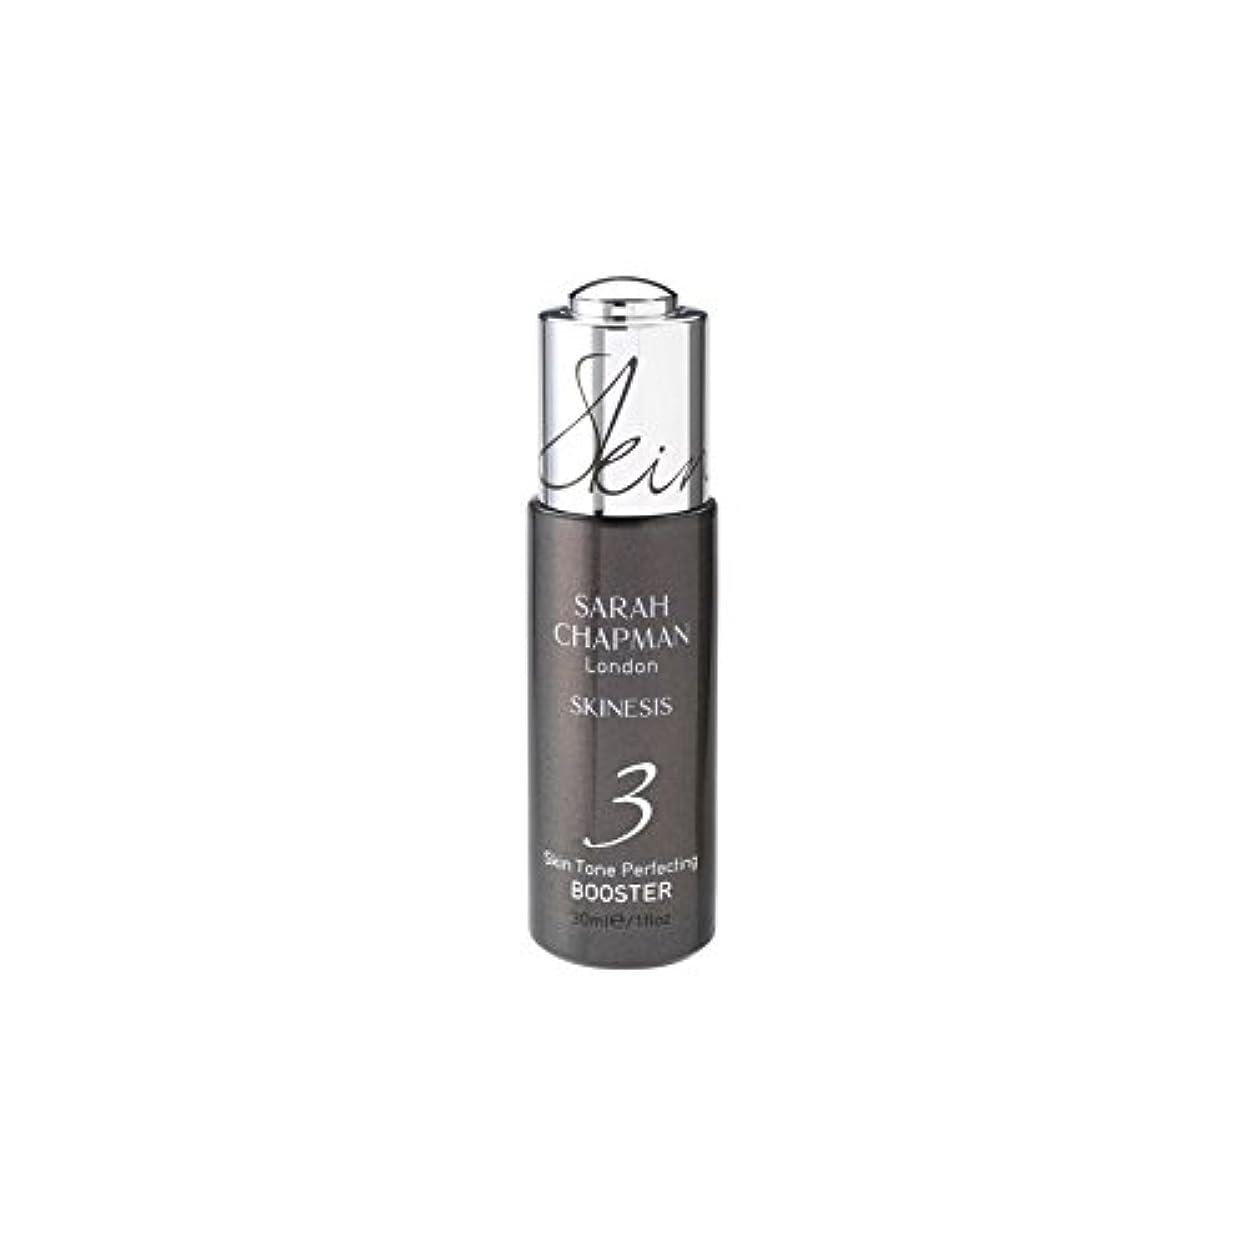 トン従事した酸化するサラ?チャップマン肌色完成ブースター(30ミリリットル) x2 - Sarah Chapman Skinesis Skin Tone Perfecting Booster (30ml) (Pack of 2) [並行輸入品]